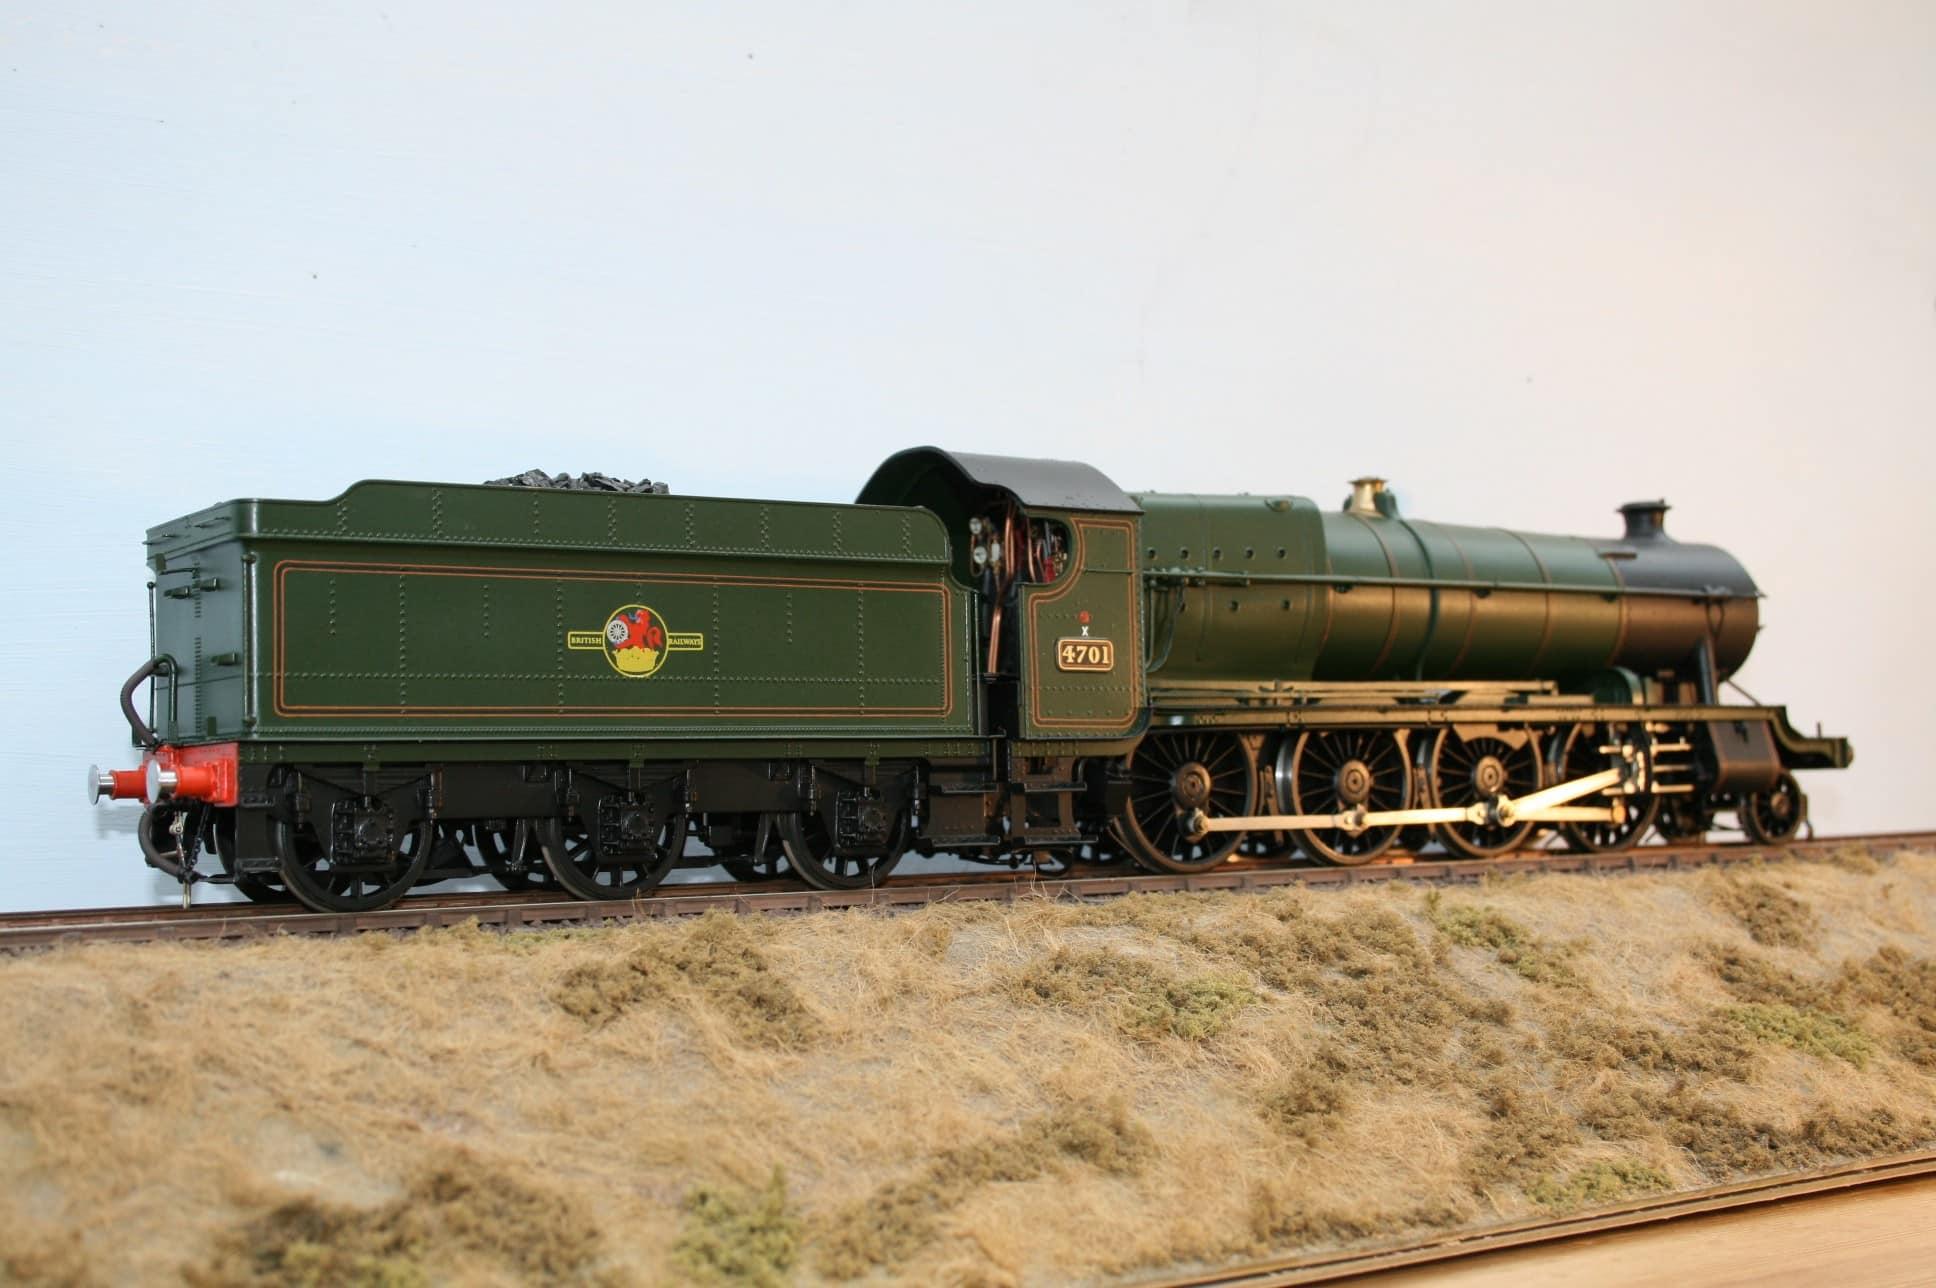 BR(W) 47xx Class 2-8-0 tender engine 4701